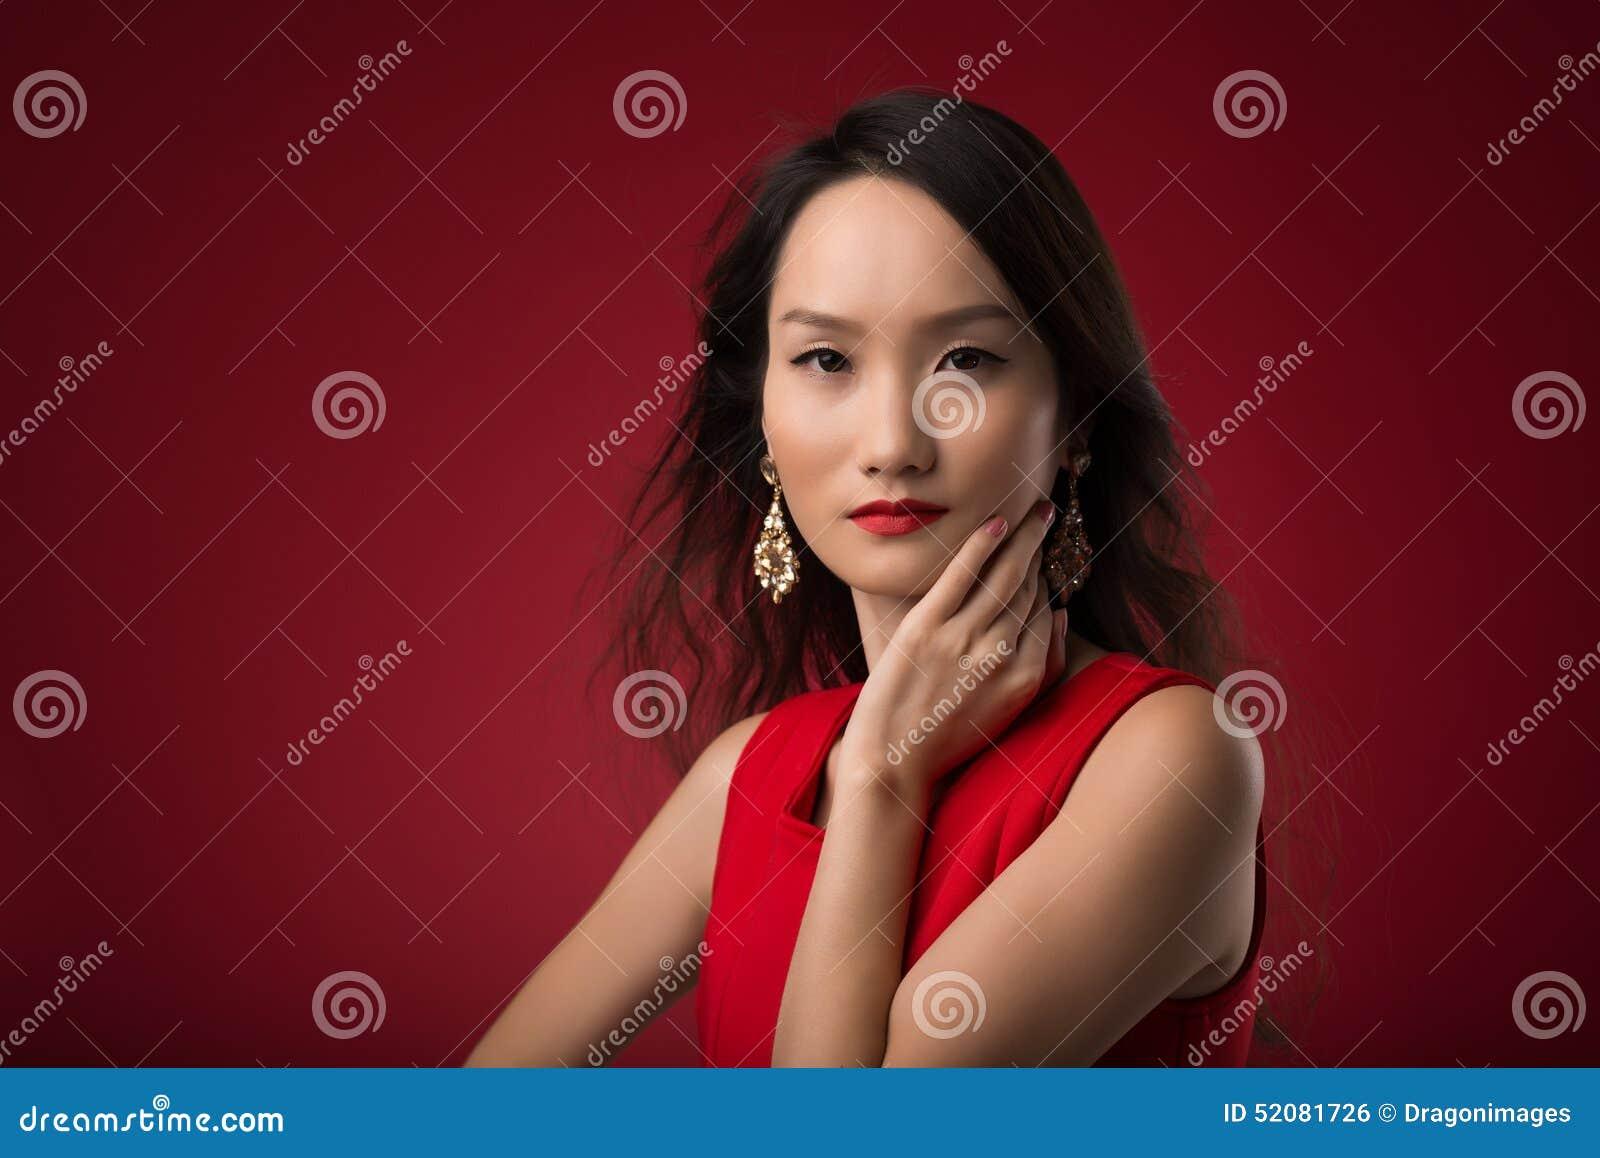 Chinesische frau sucht mann